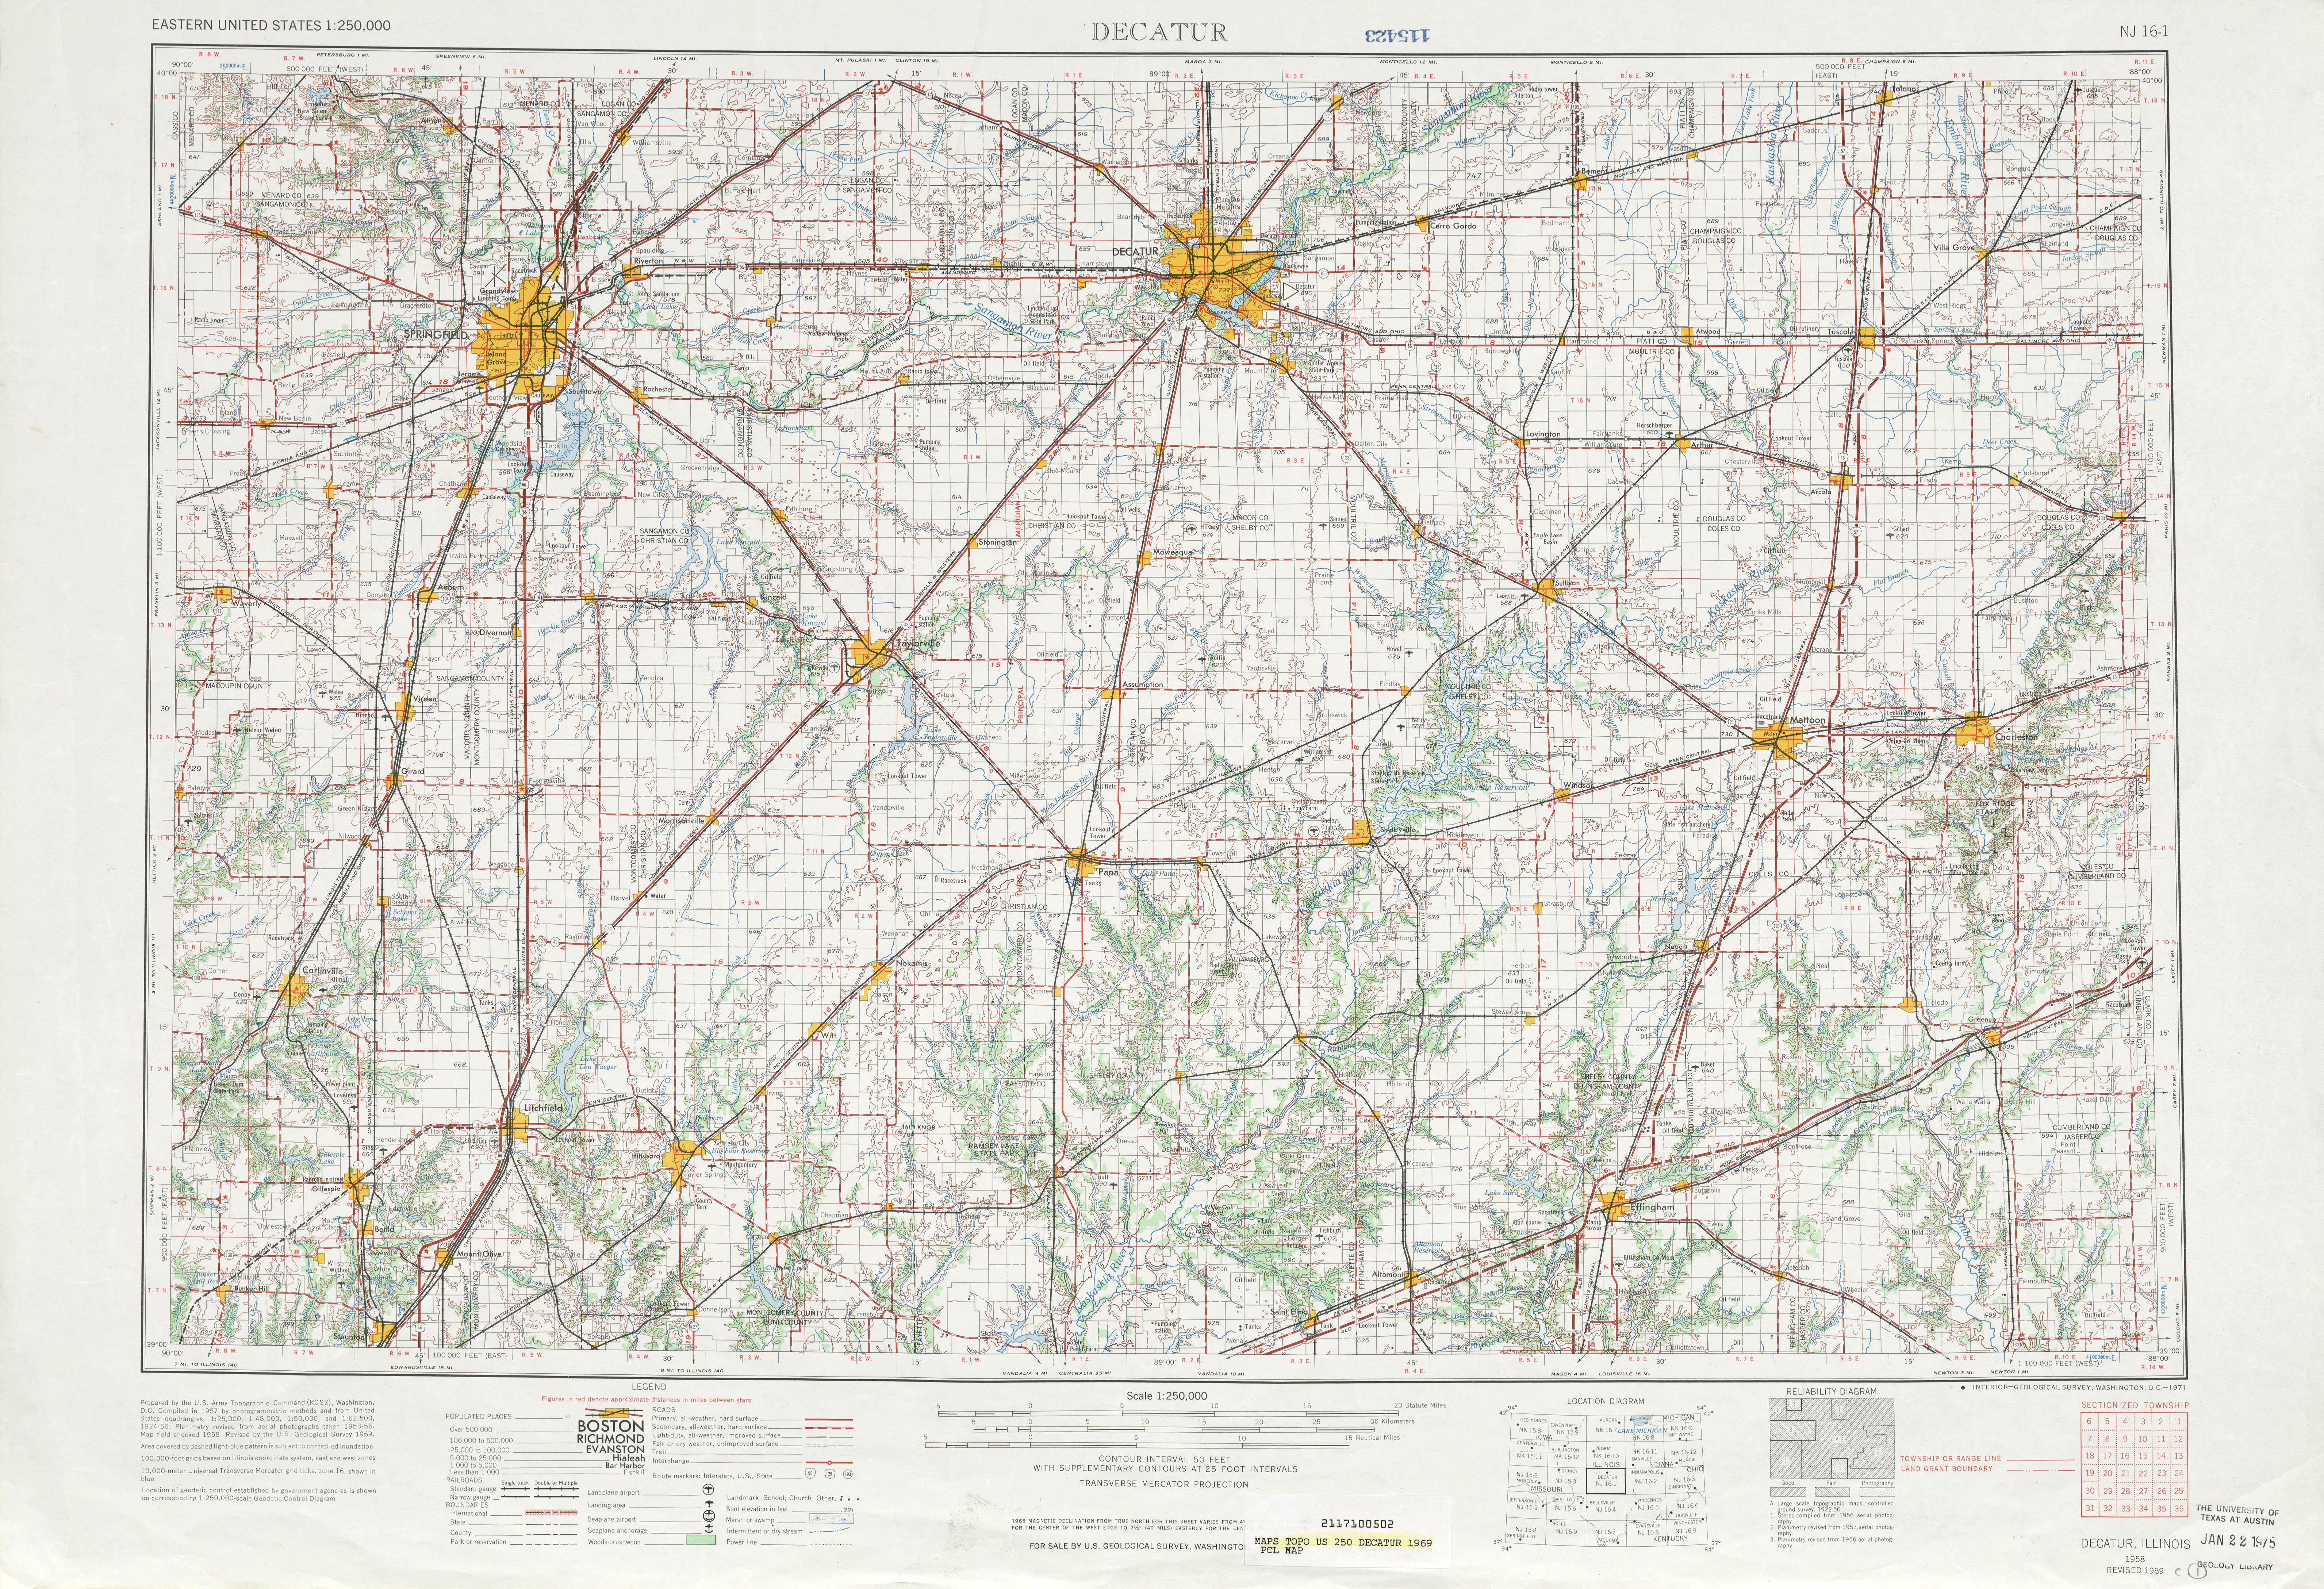 Hoja Decatur del Mapa Topográfico de los Estados Unidos 1969